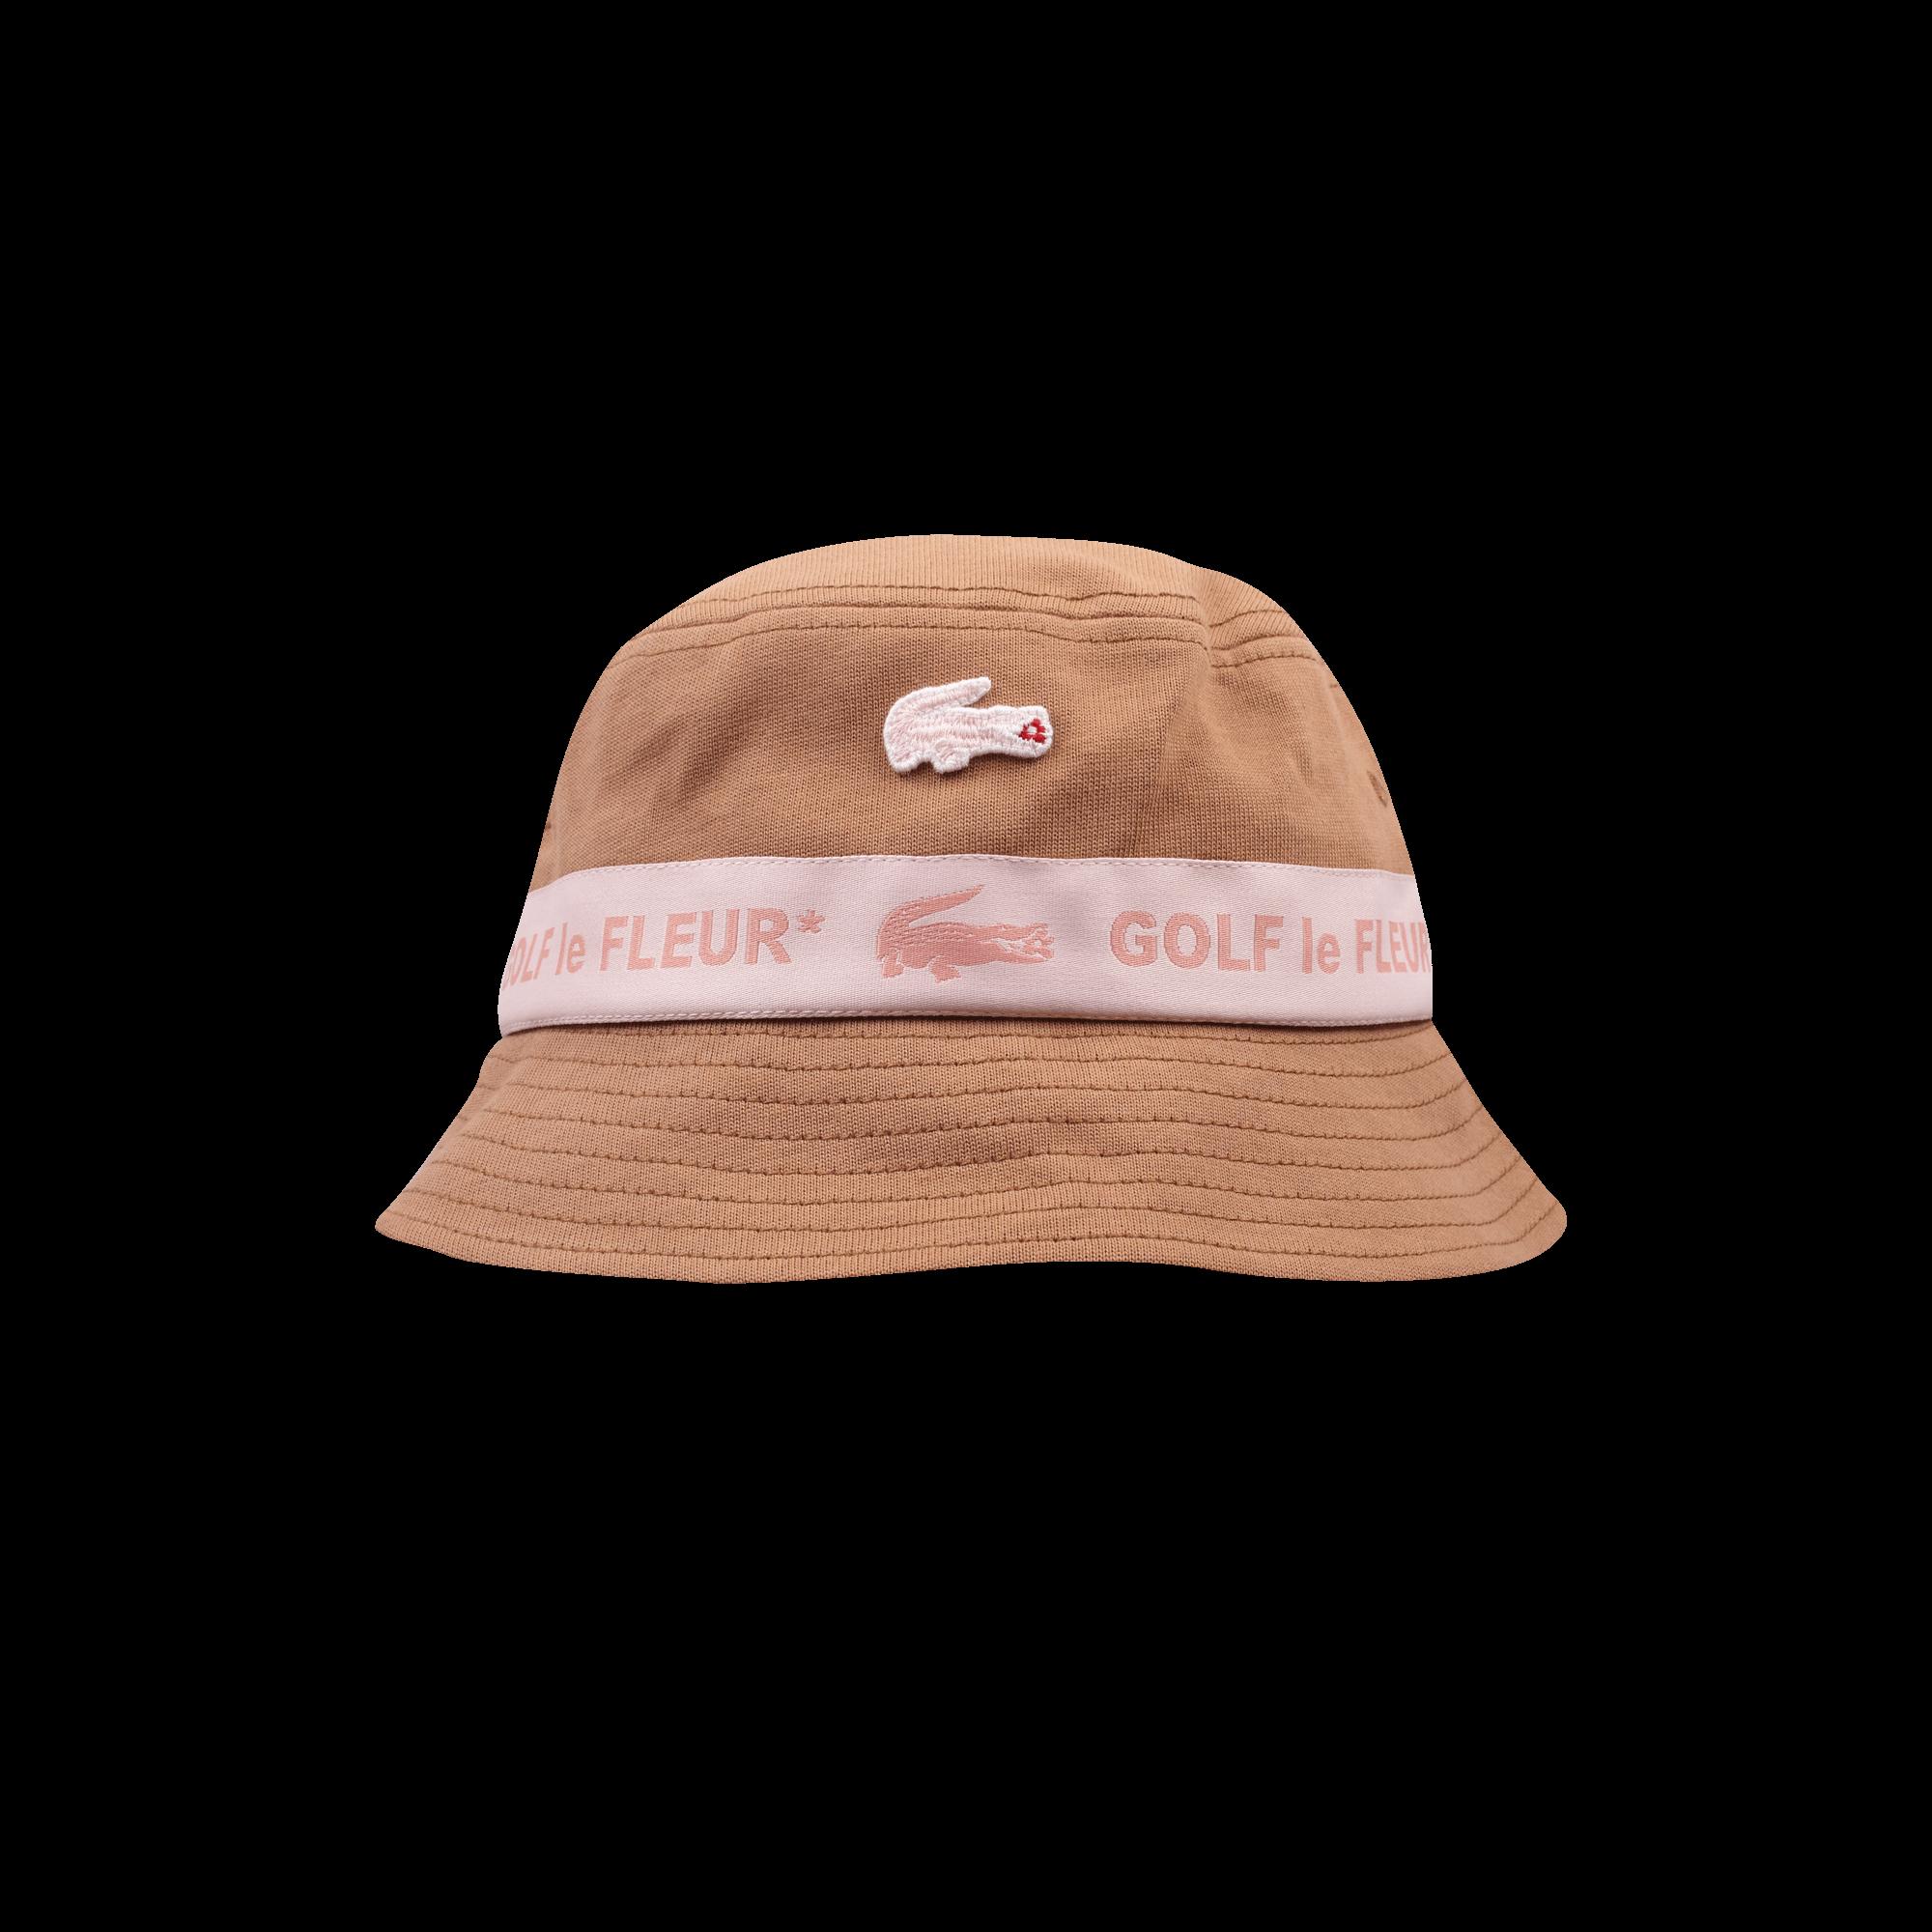 0af9e9bc8 Lacoste Golf Le Fleur x Lacoste Bucket Hat pink / light brown - Caps |  Holypopstore.com